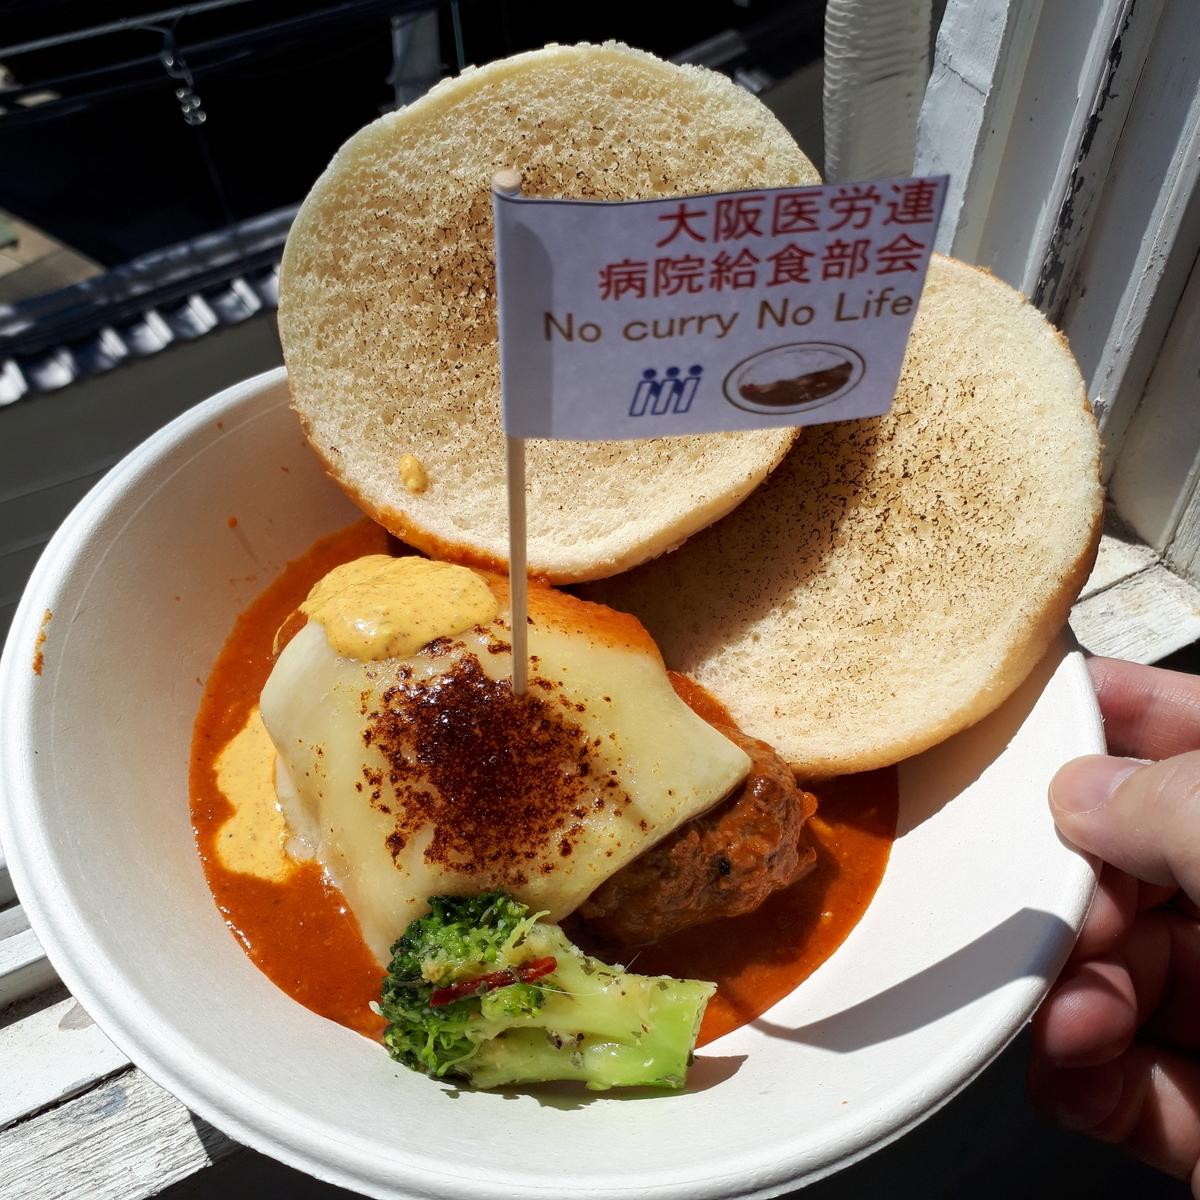 大阪医労連 病院給食部会 バーガースタイル ラクレットチーズとカレータルタル チキンバターソース